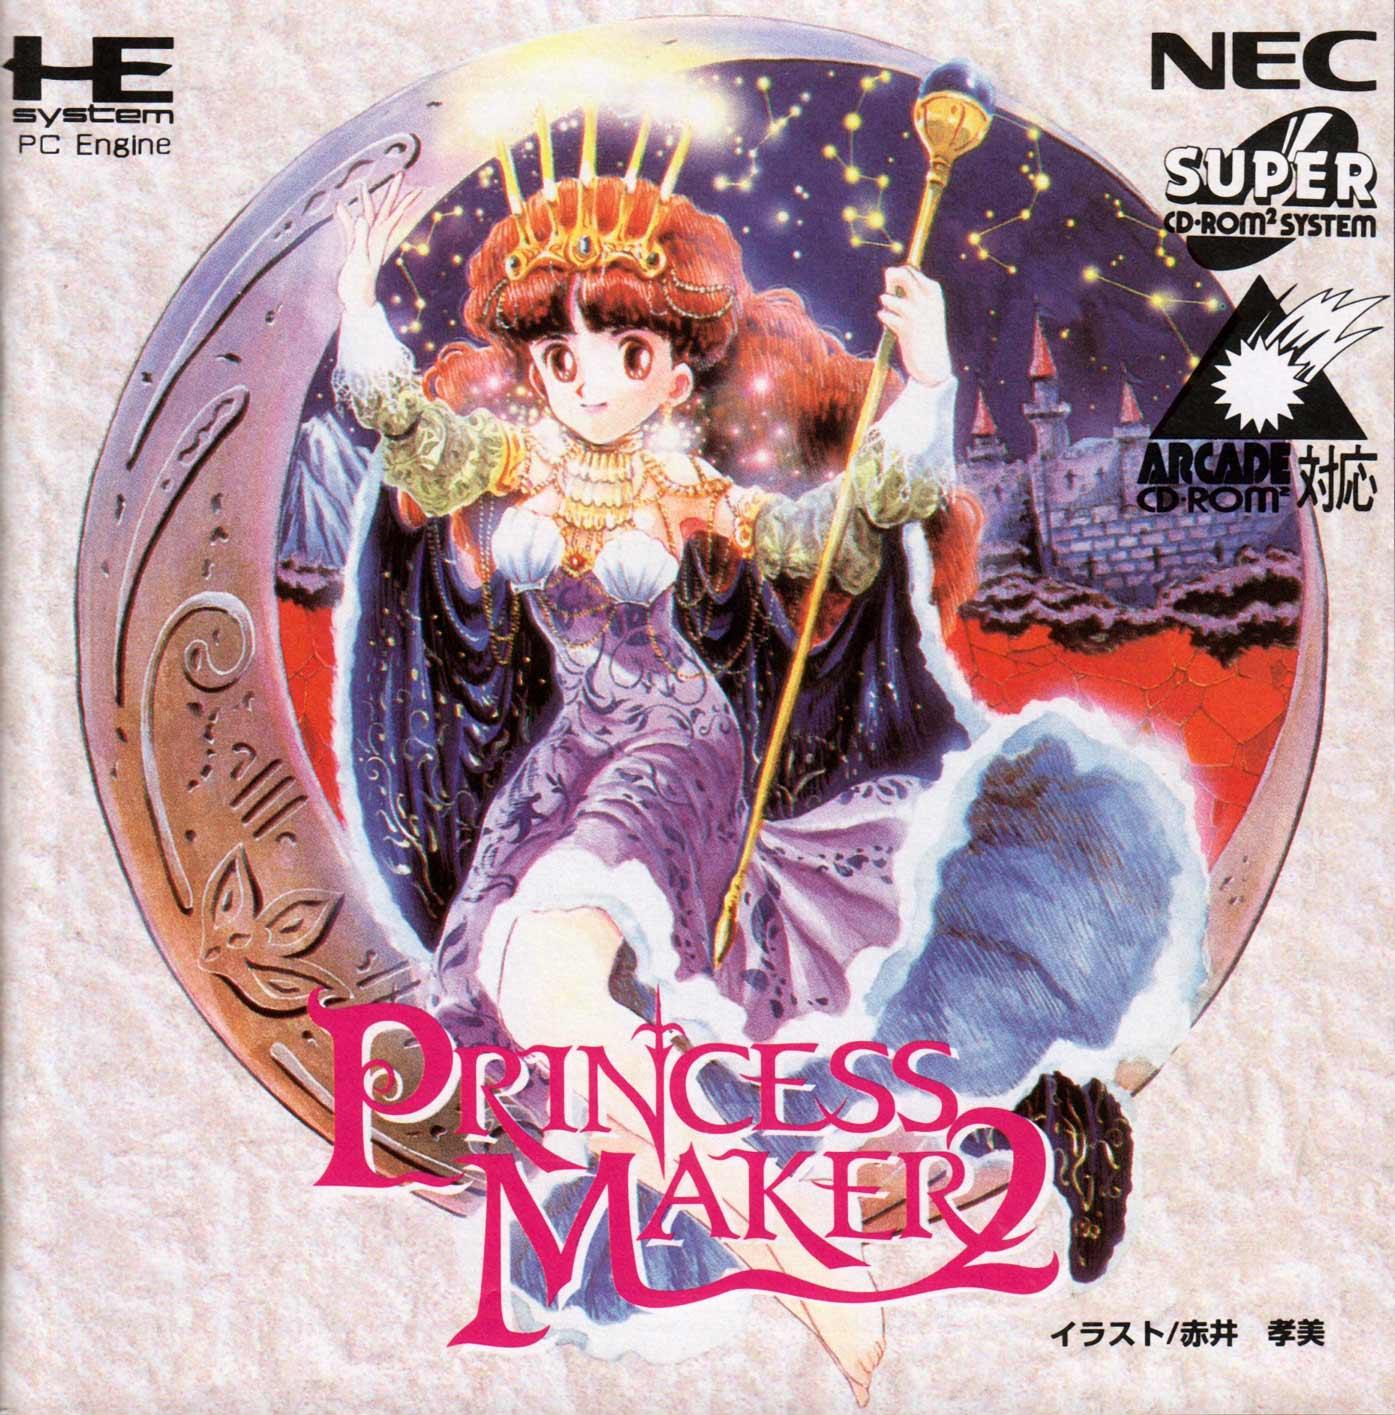 美少女梦工厂 2的封面